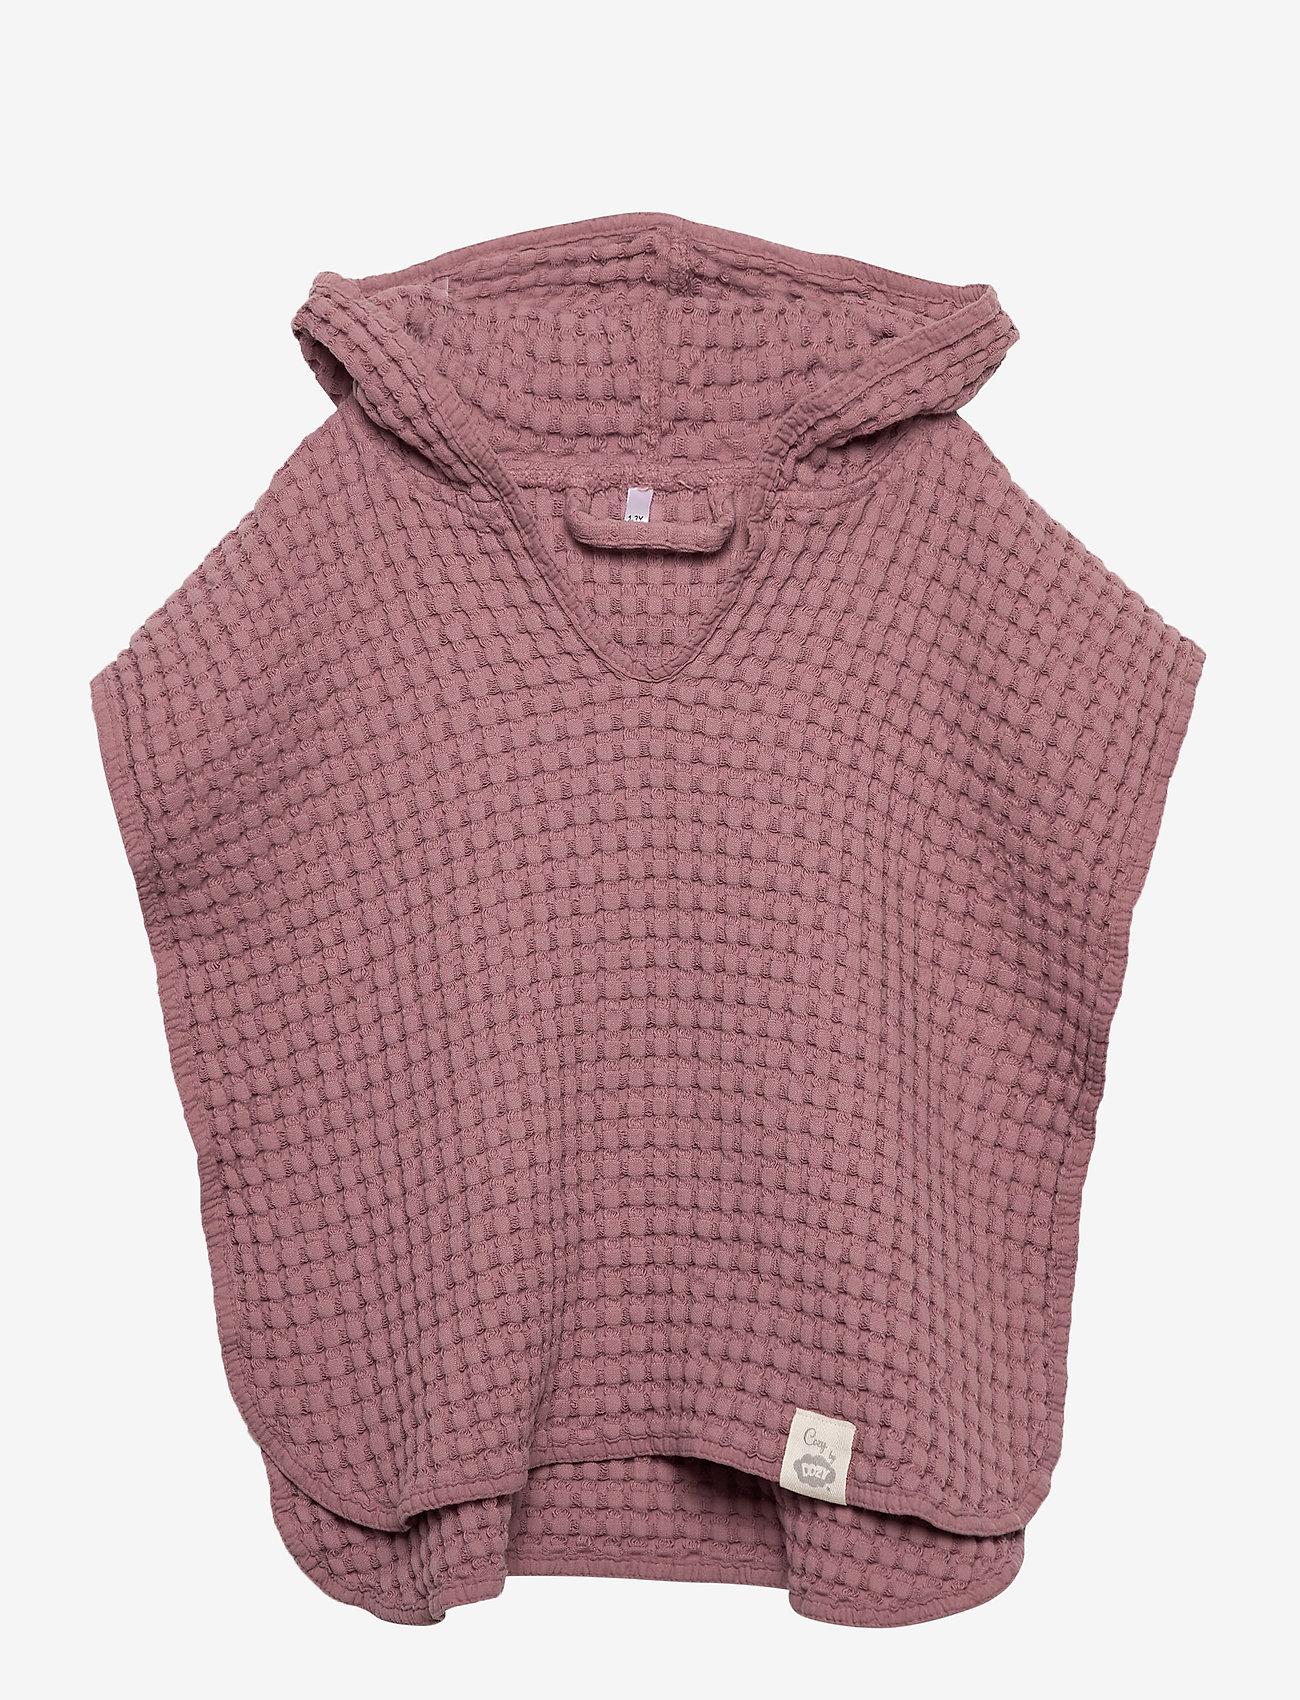 Cozy by Dozy - Cozy by Dozy Poncho - bathrobes - pink - 0